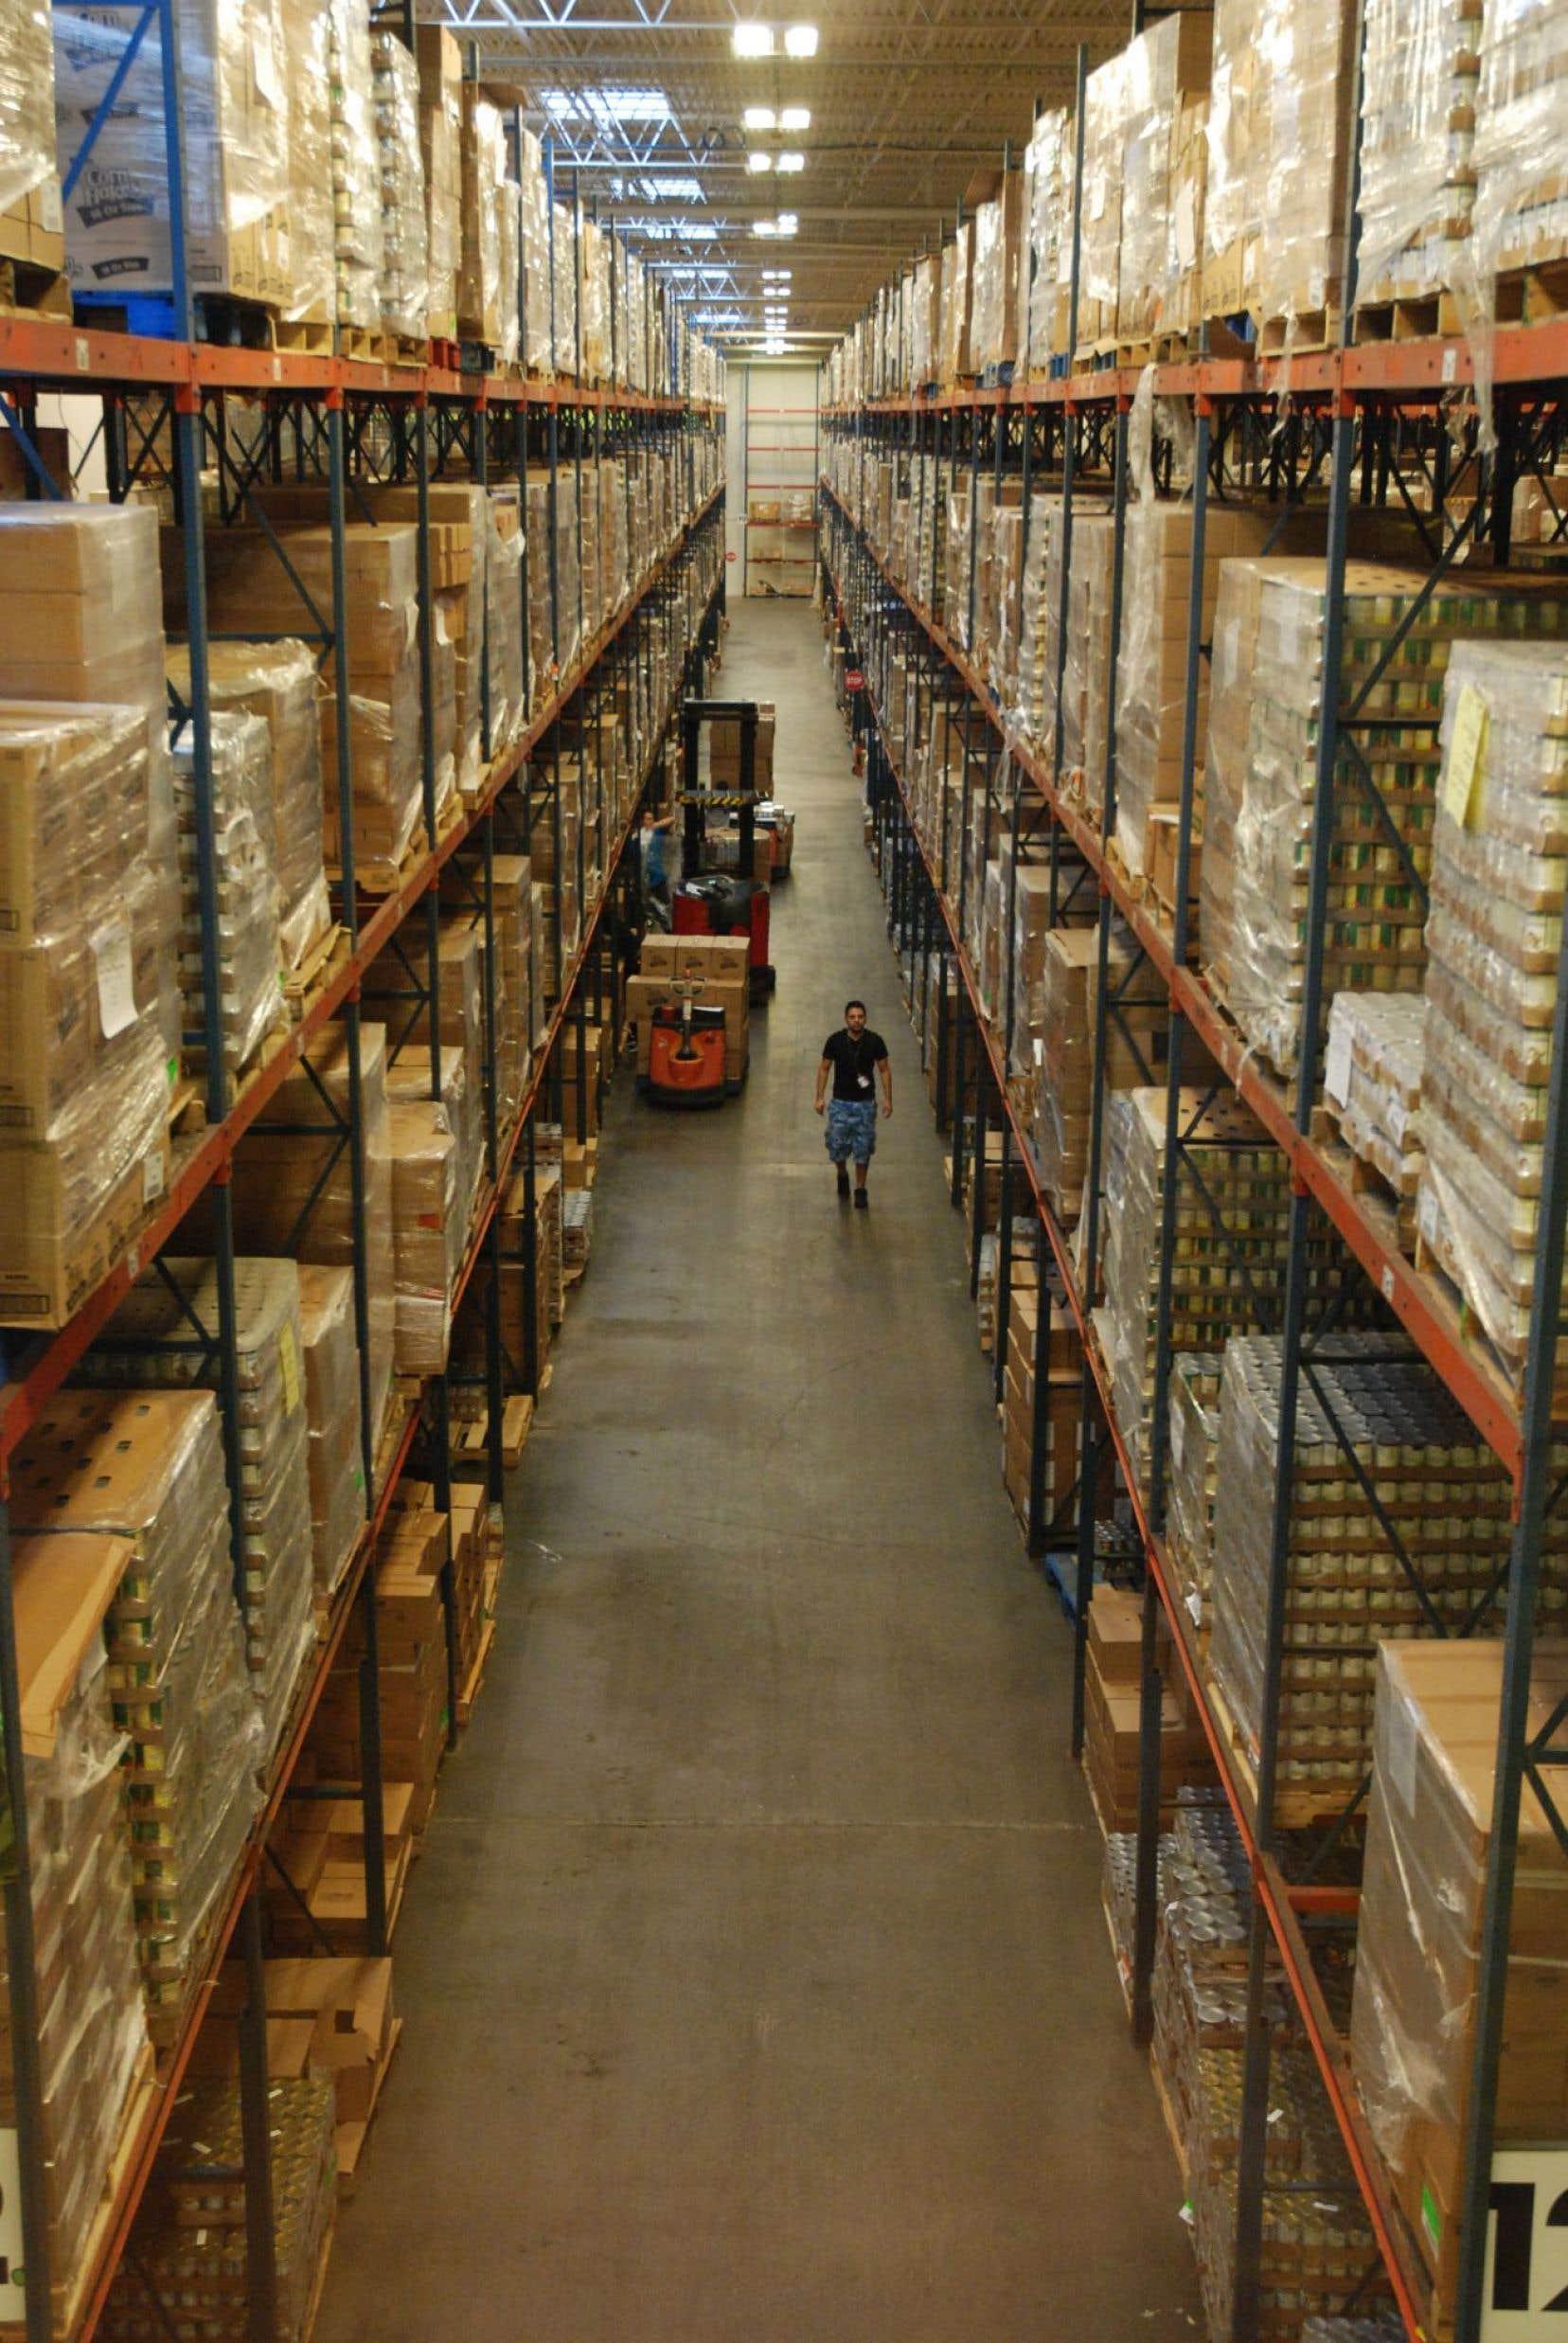 D'une superficie de 308 000 pieds carrés, la Houston Food Bank est la plus grande banque alimentaire des États-Unis. Elle nourrit annuellement quelque 800 000 personnes.